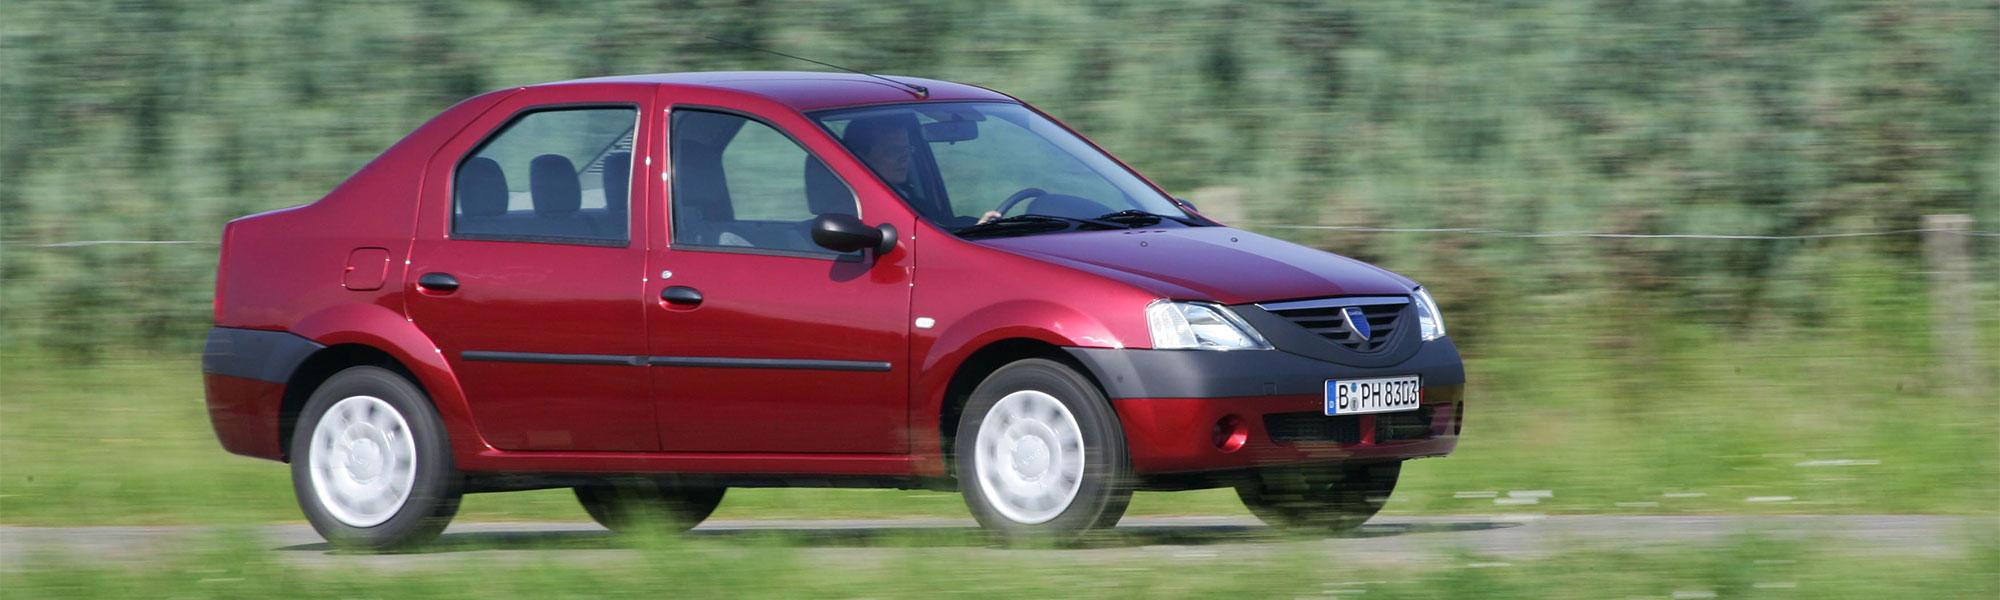 Am 17. Juni 2005 feiert der Dacia Logan sein vielbeachtetes Marktdebüt in Deutschland